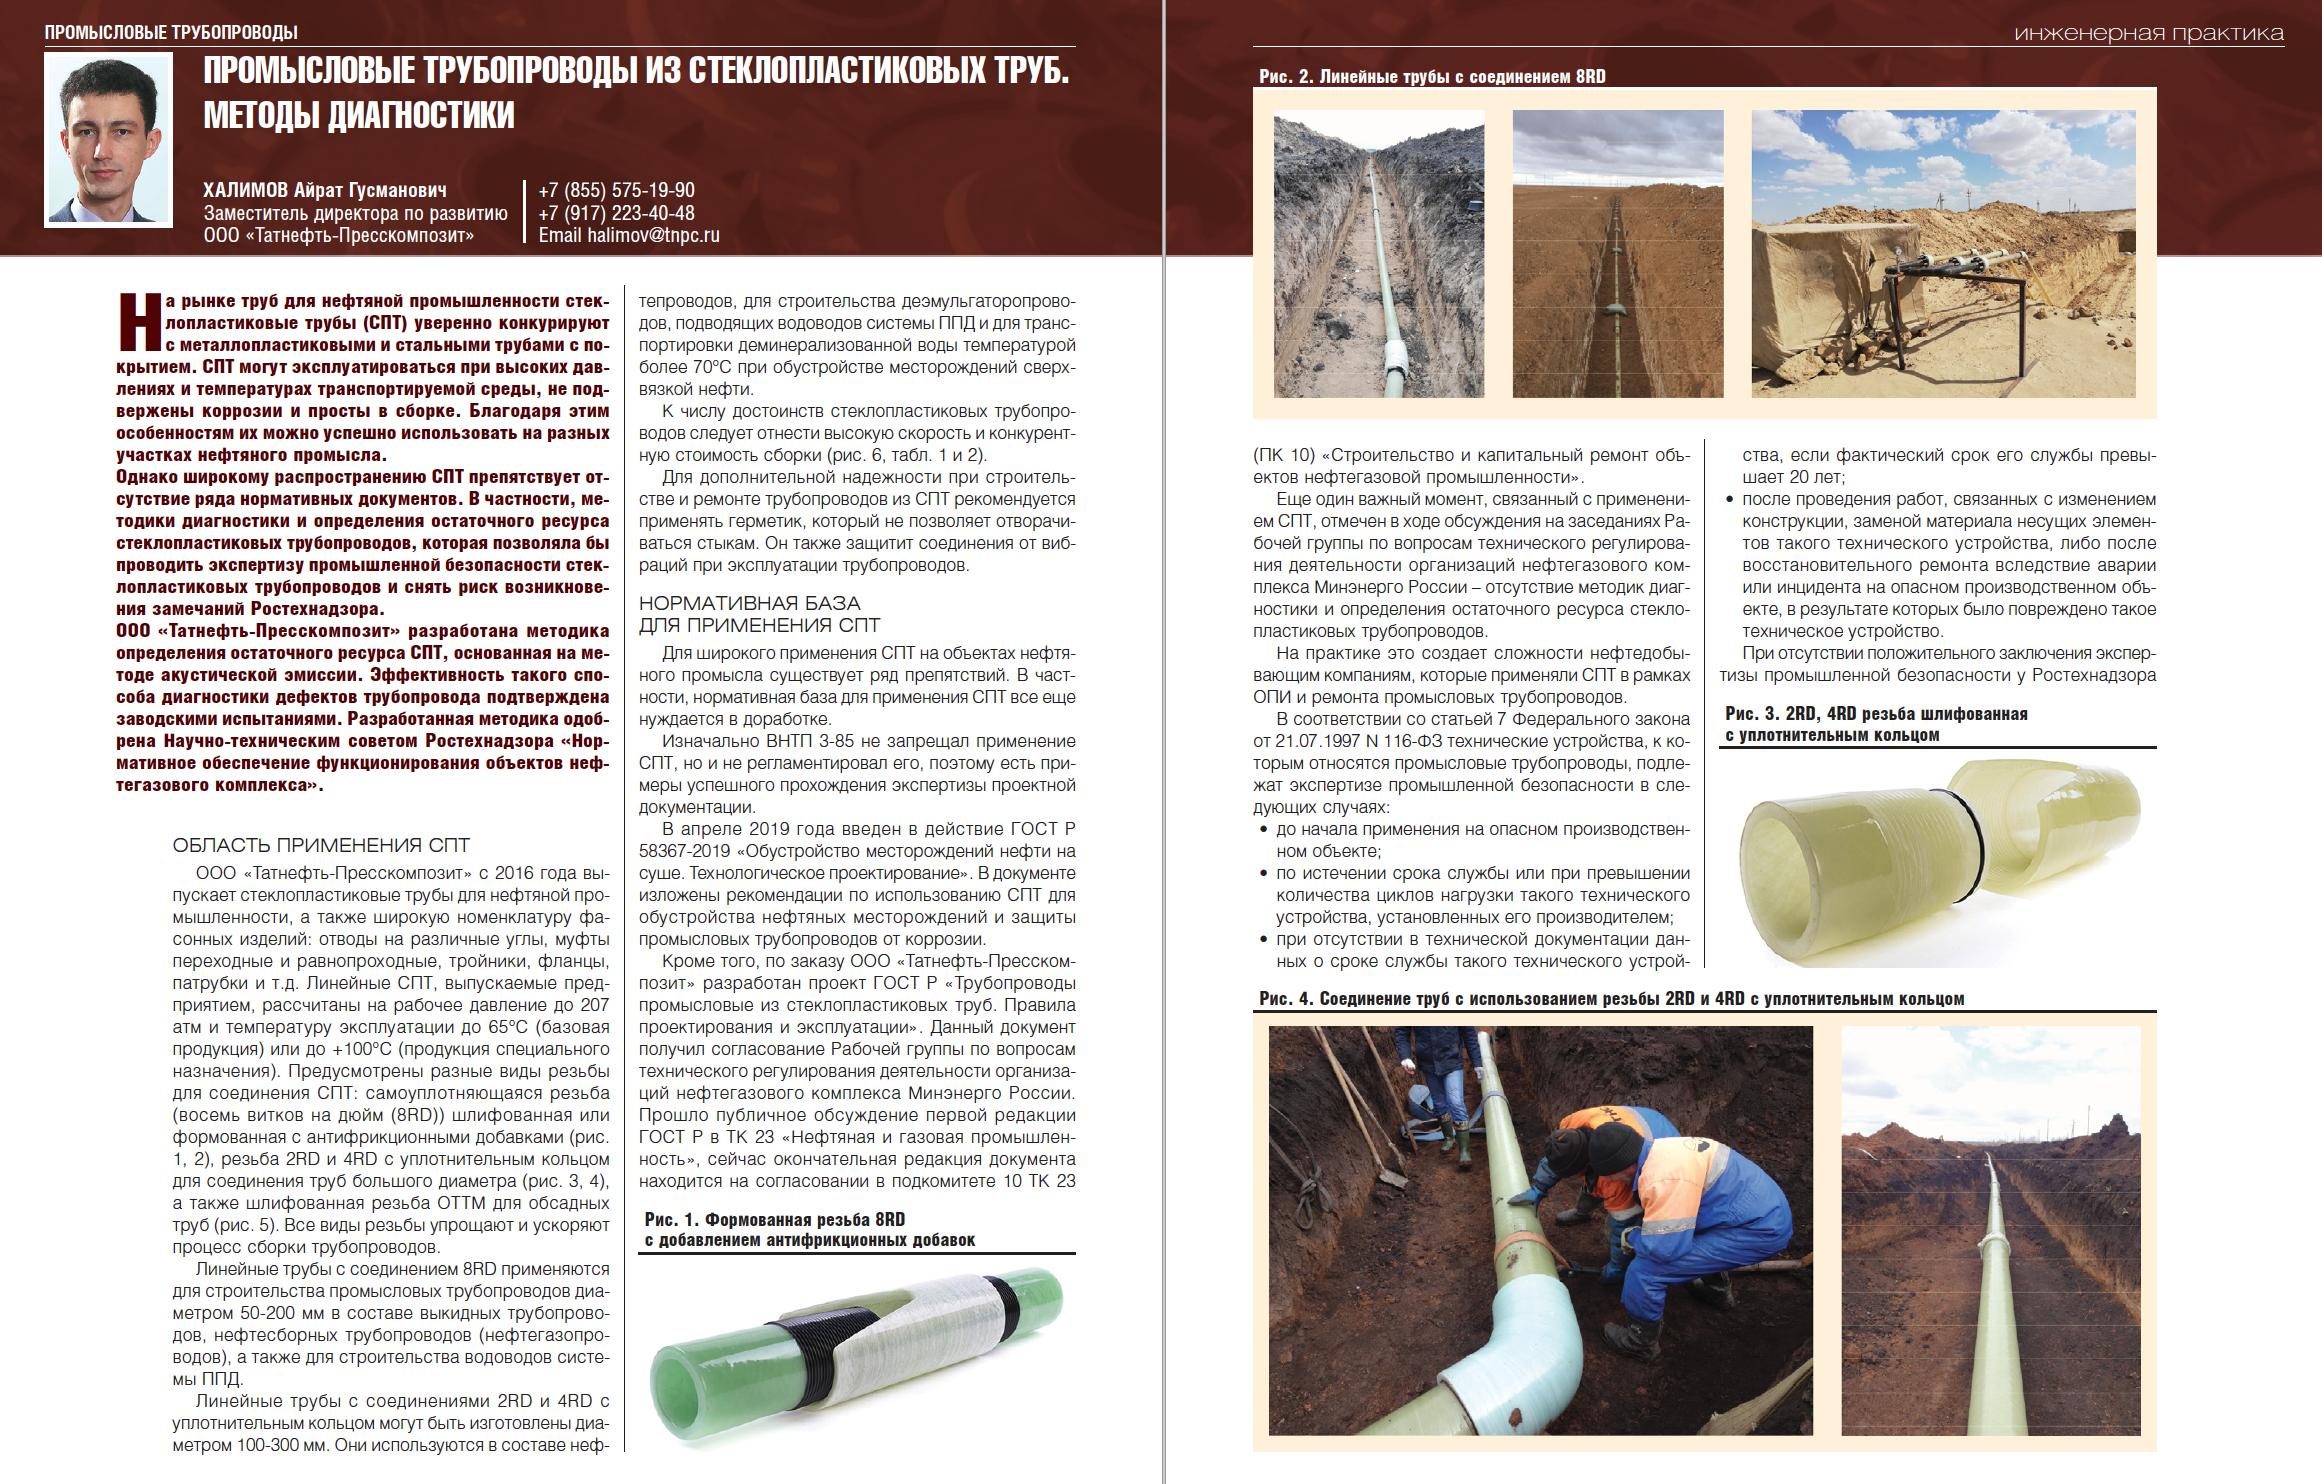 33876 Промысловые трубопроводы из стеклопластиковых труб. Методы диагностики